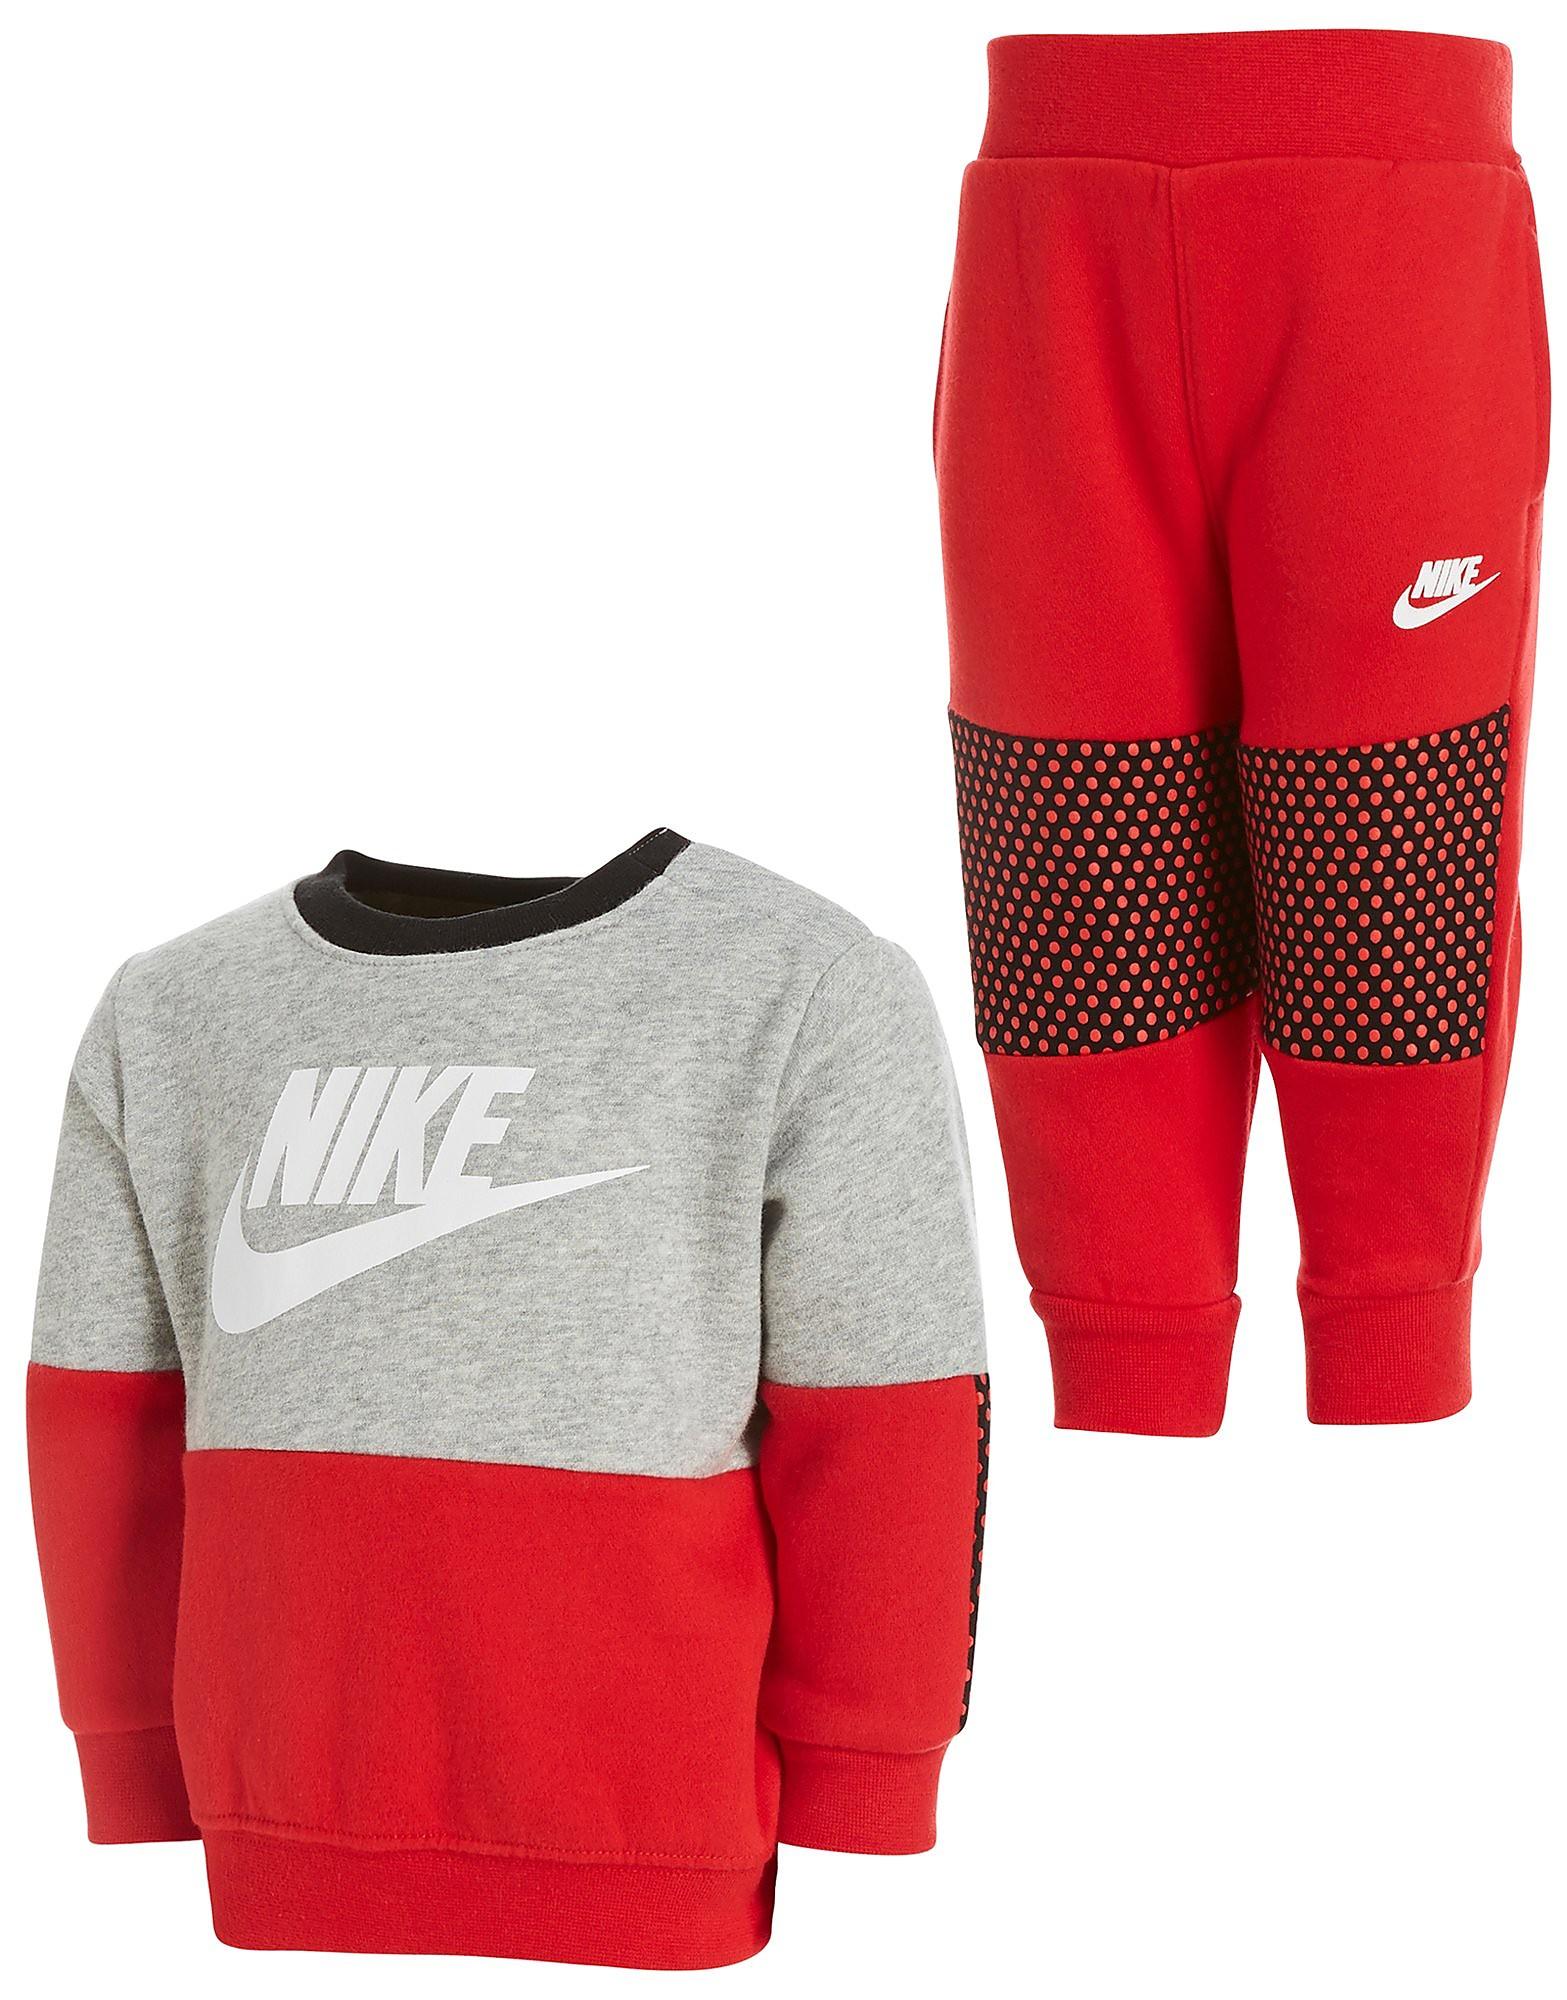 Nike Mesh Trainingsanzug Säuglinge